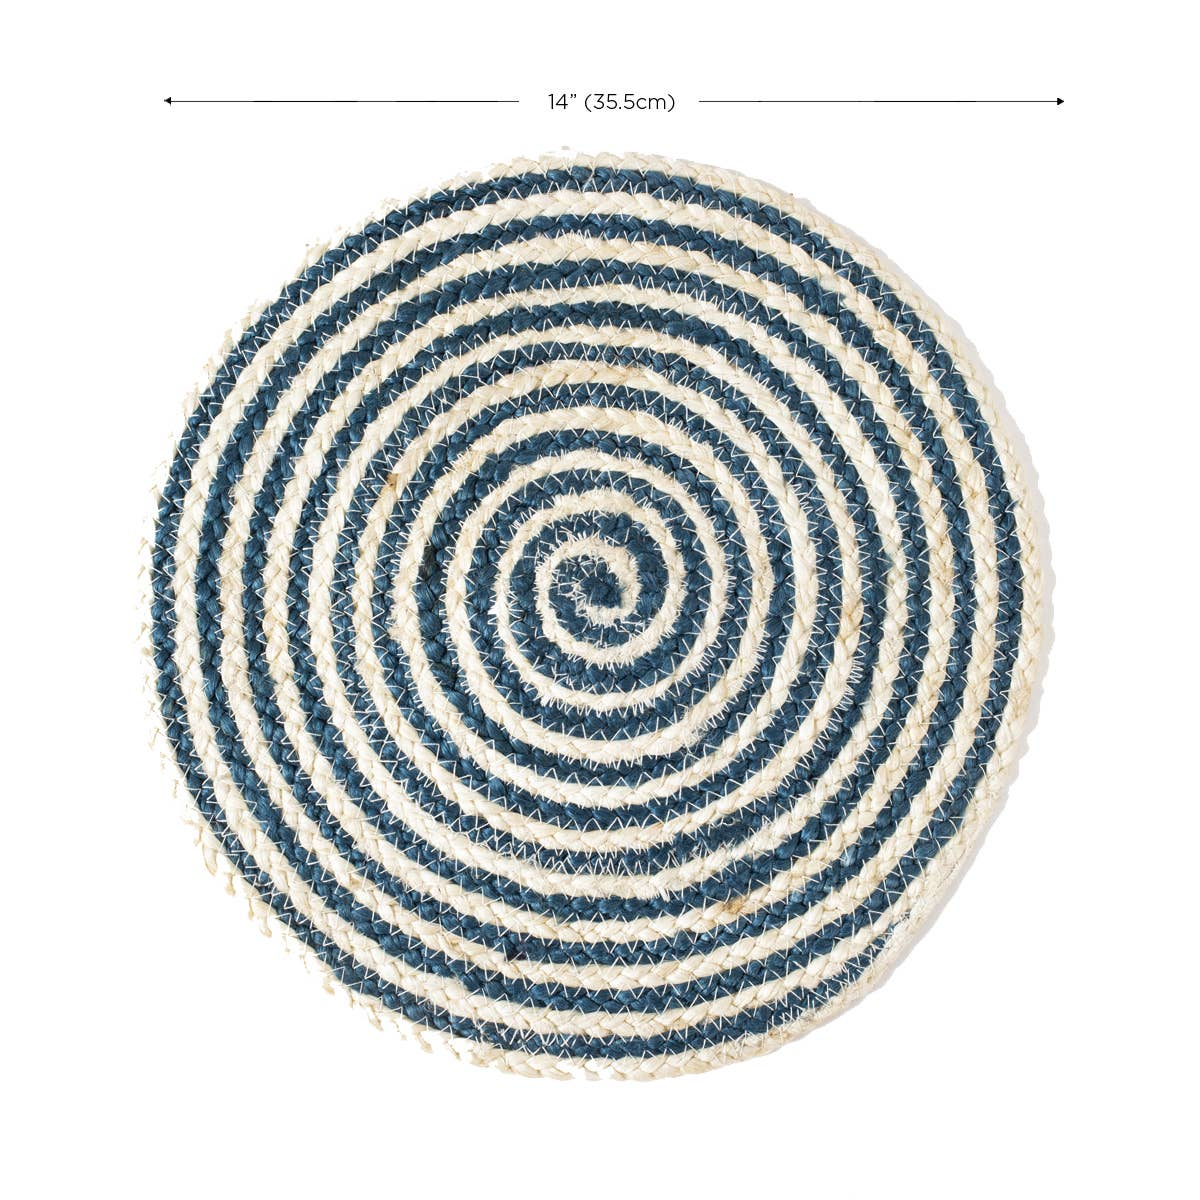 Kata Spiral Placemat - Blue (Set of 4) | Trada Marketplace